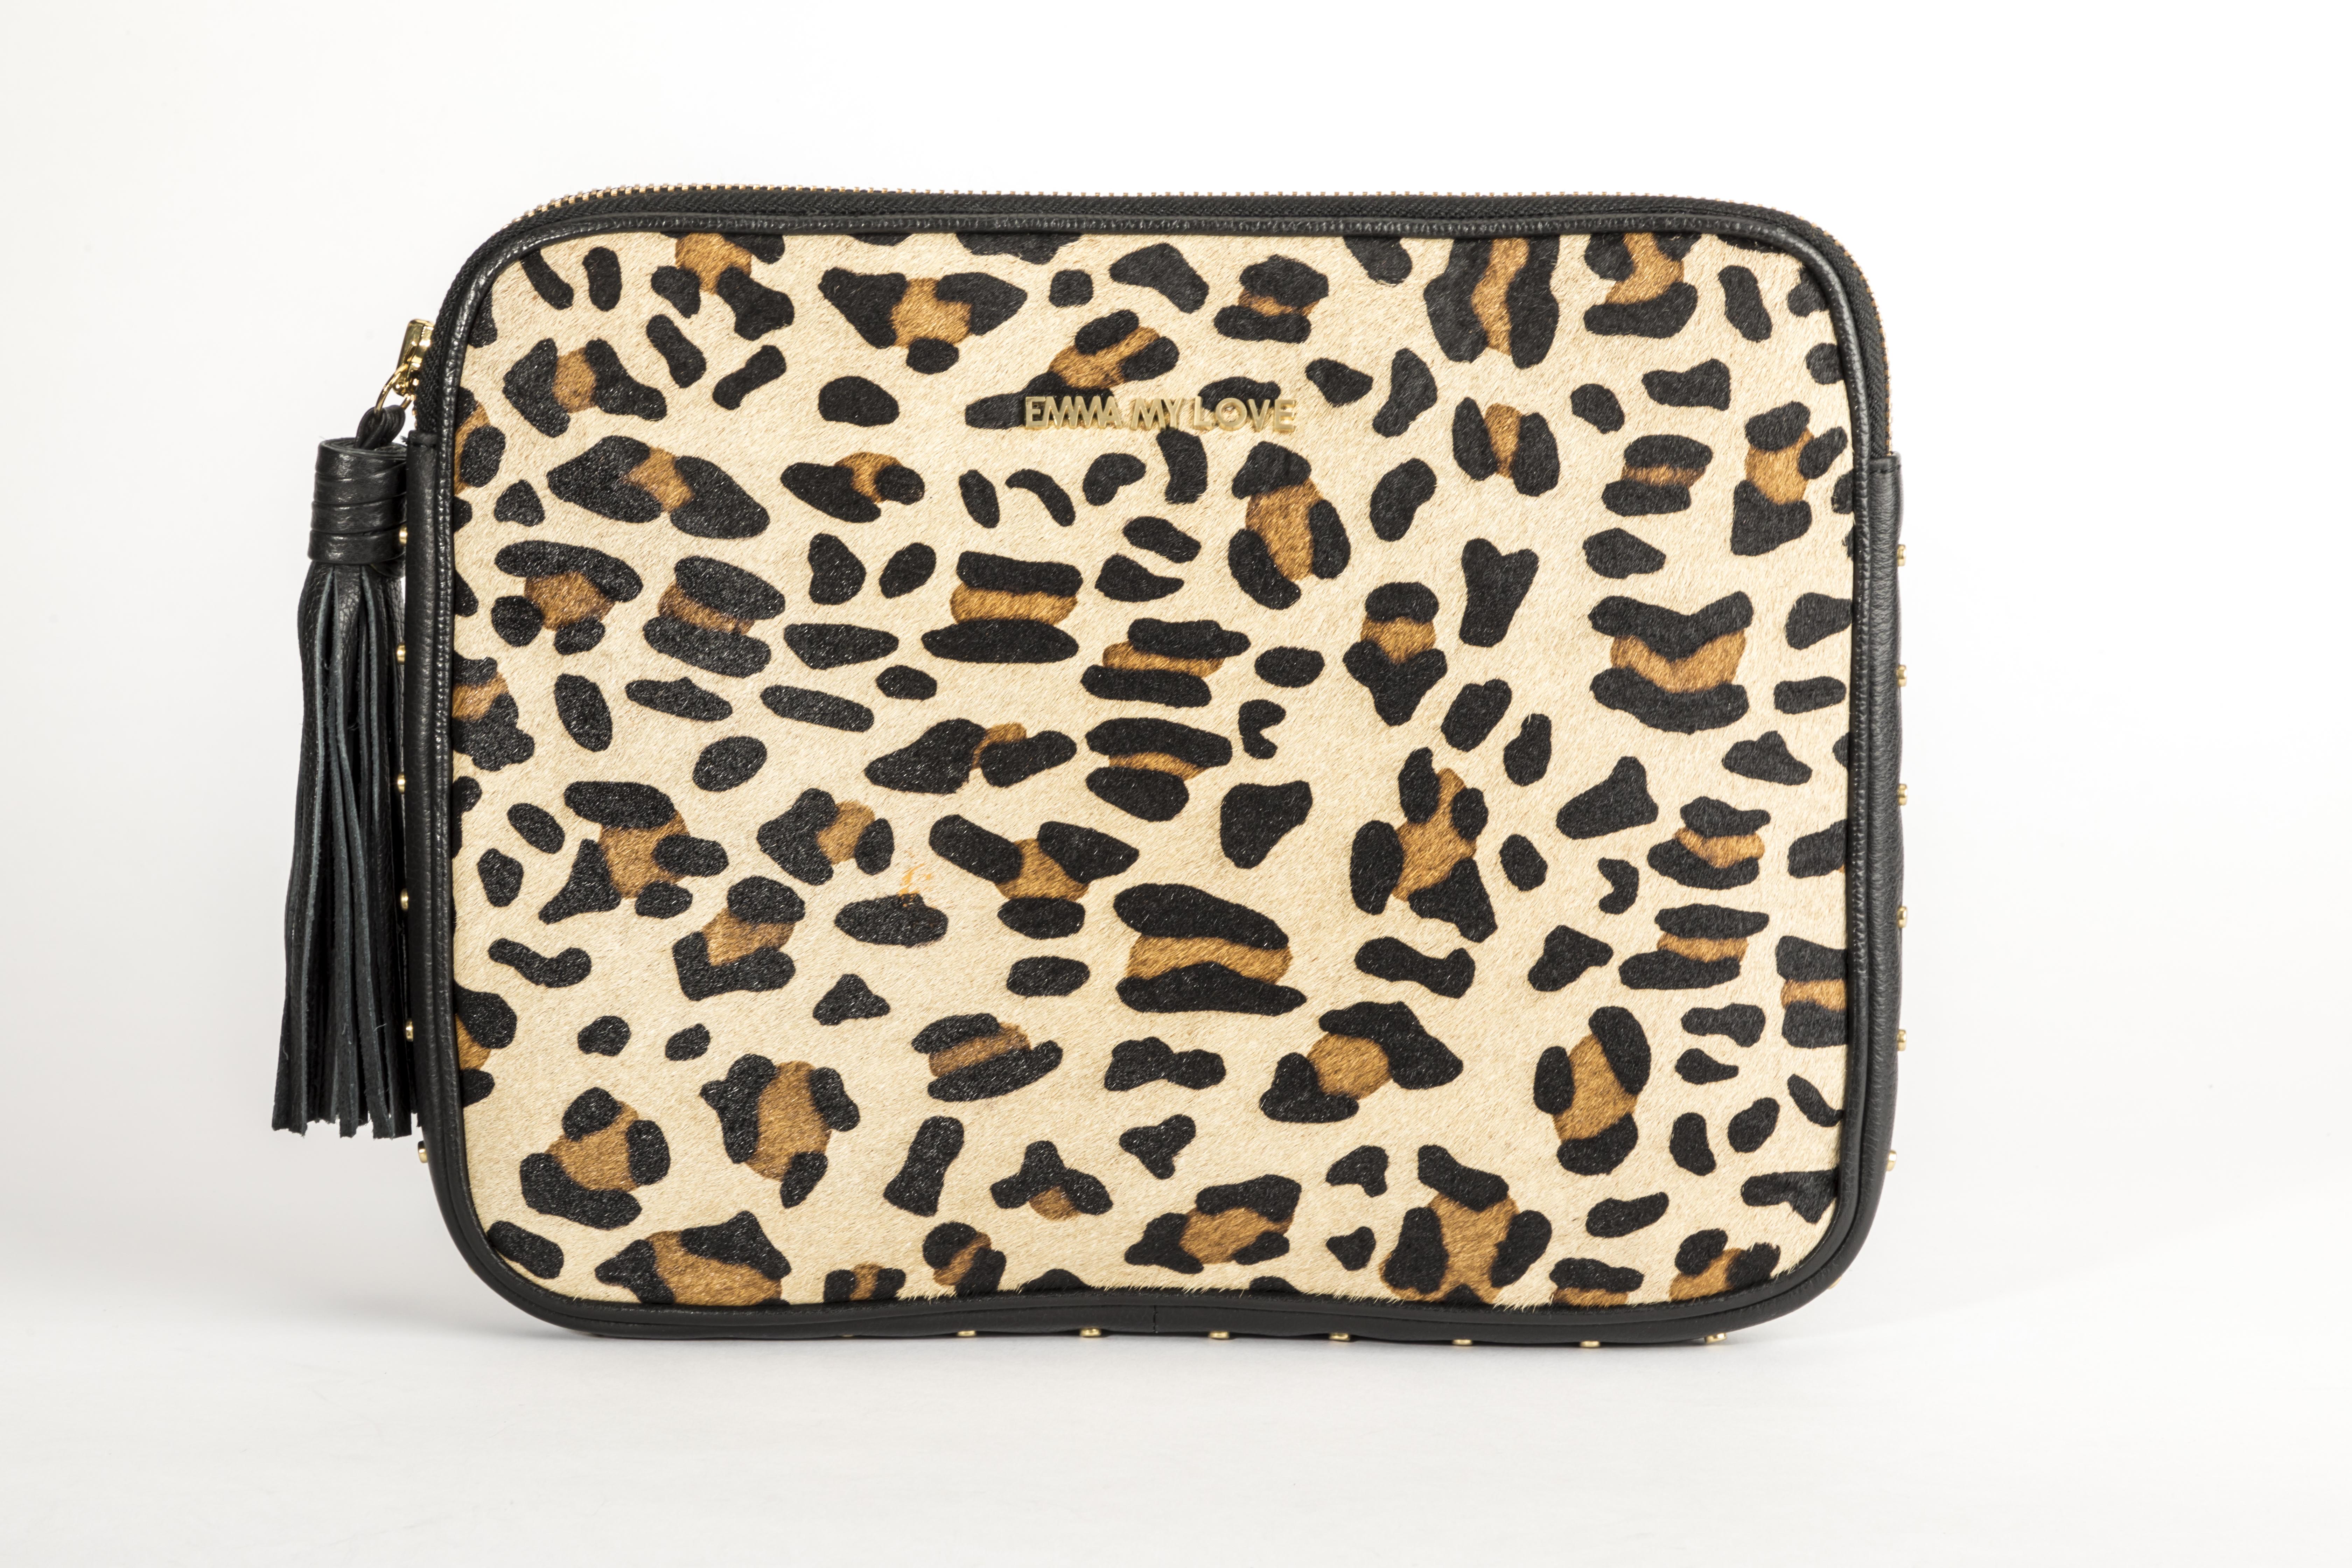 Laptop Tasche XL Clutch aus Leder im Leoparden Design von EMMA MY LOVE